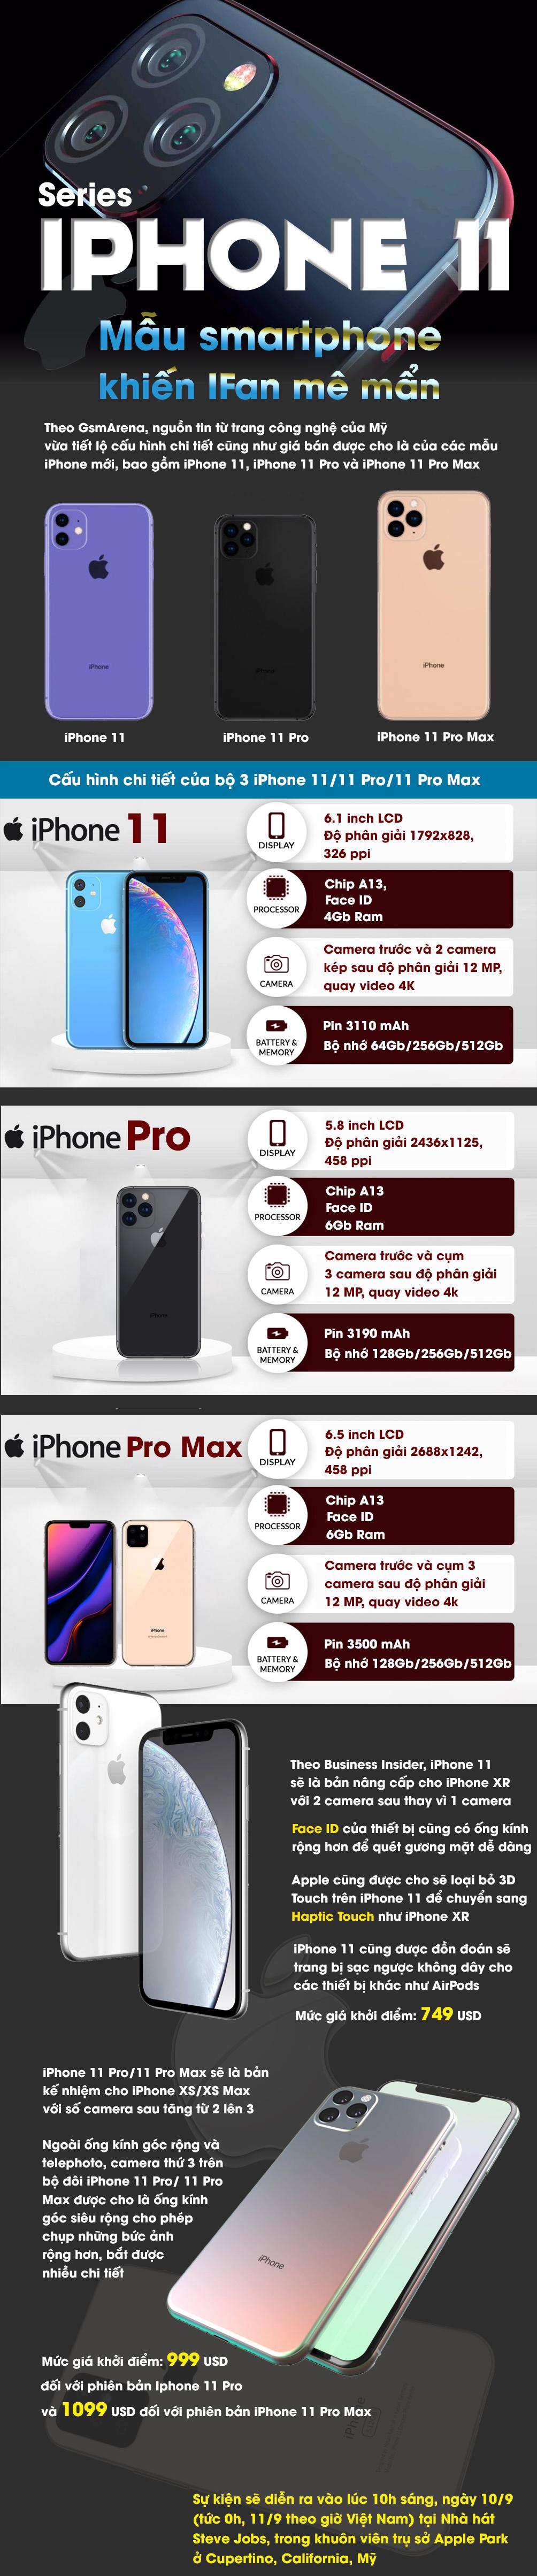 Infographic: Series iPhone 11 và những điều có thể bạn chưa biết - 1